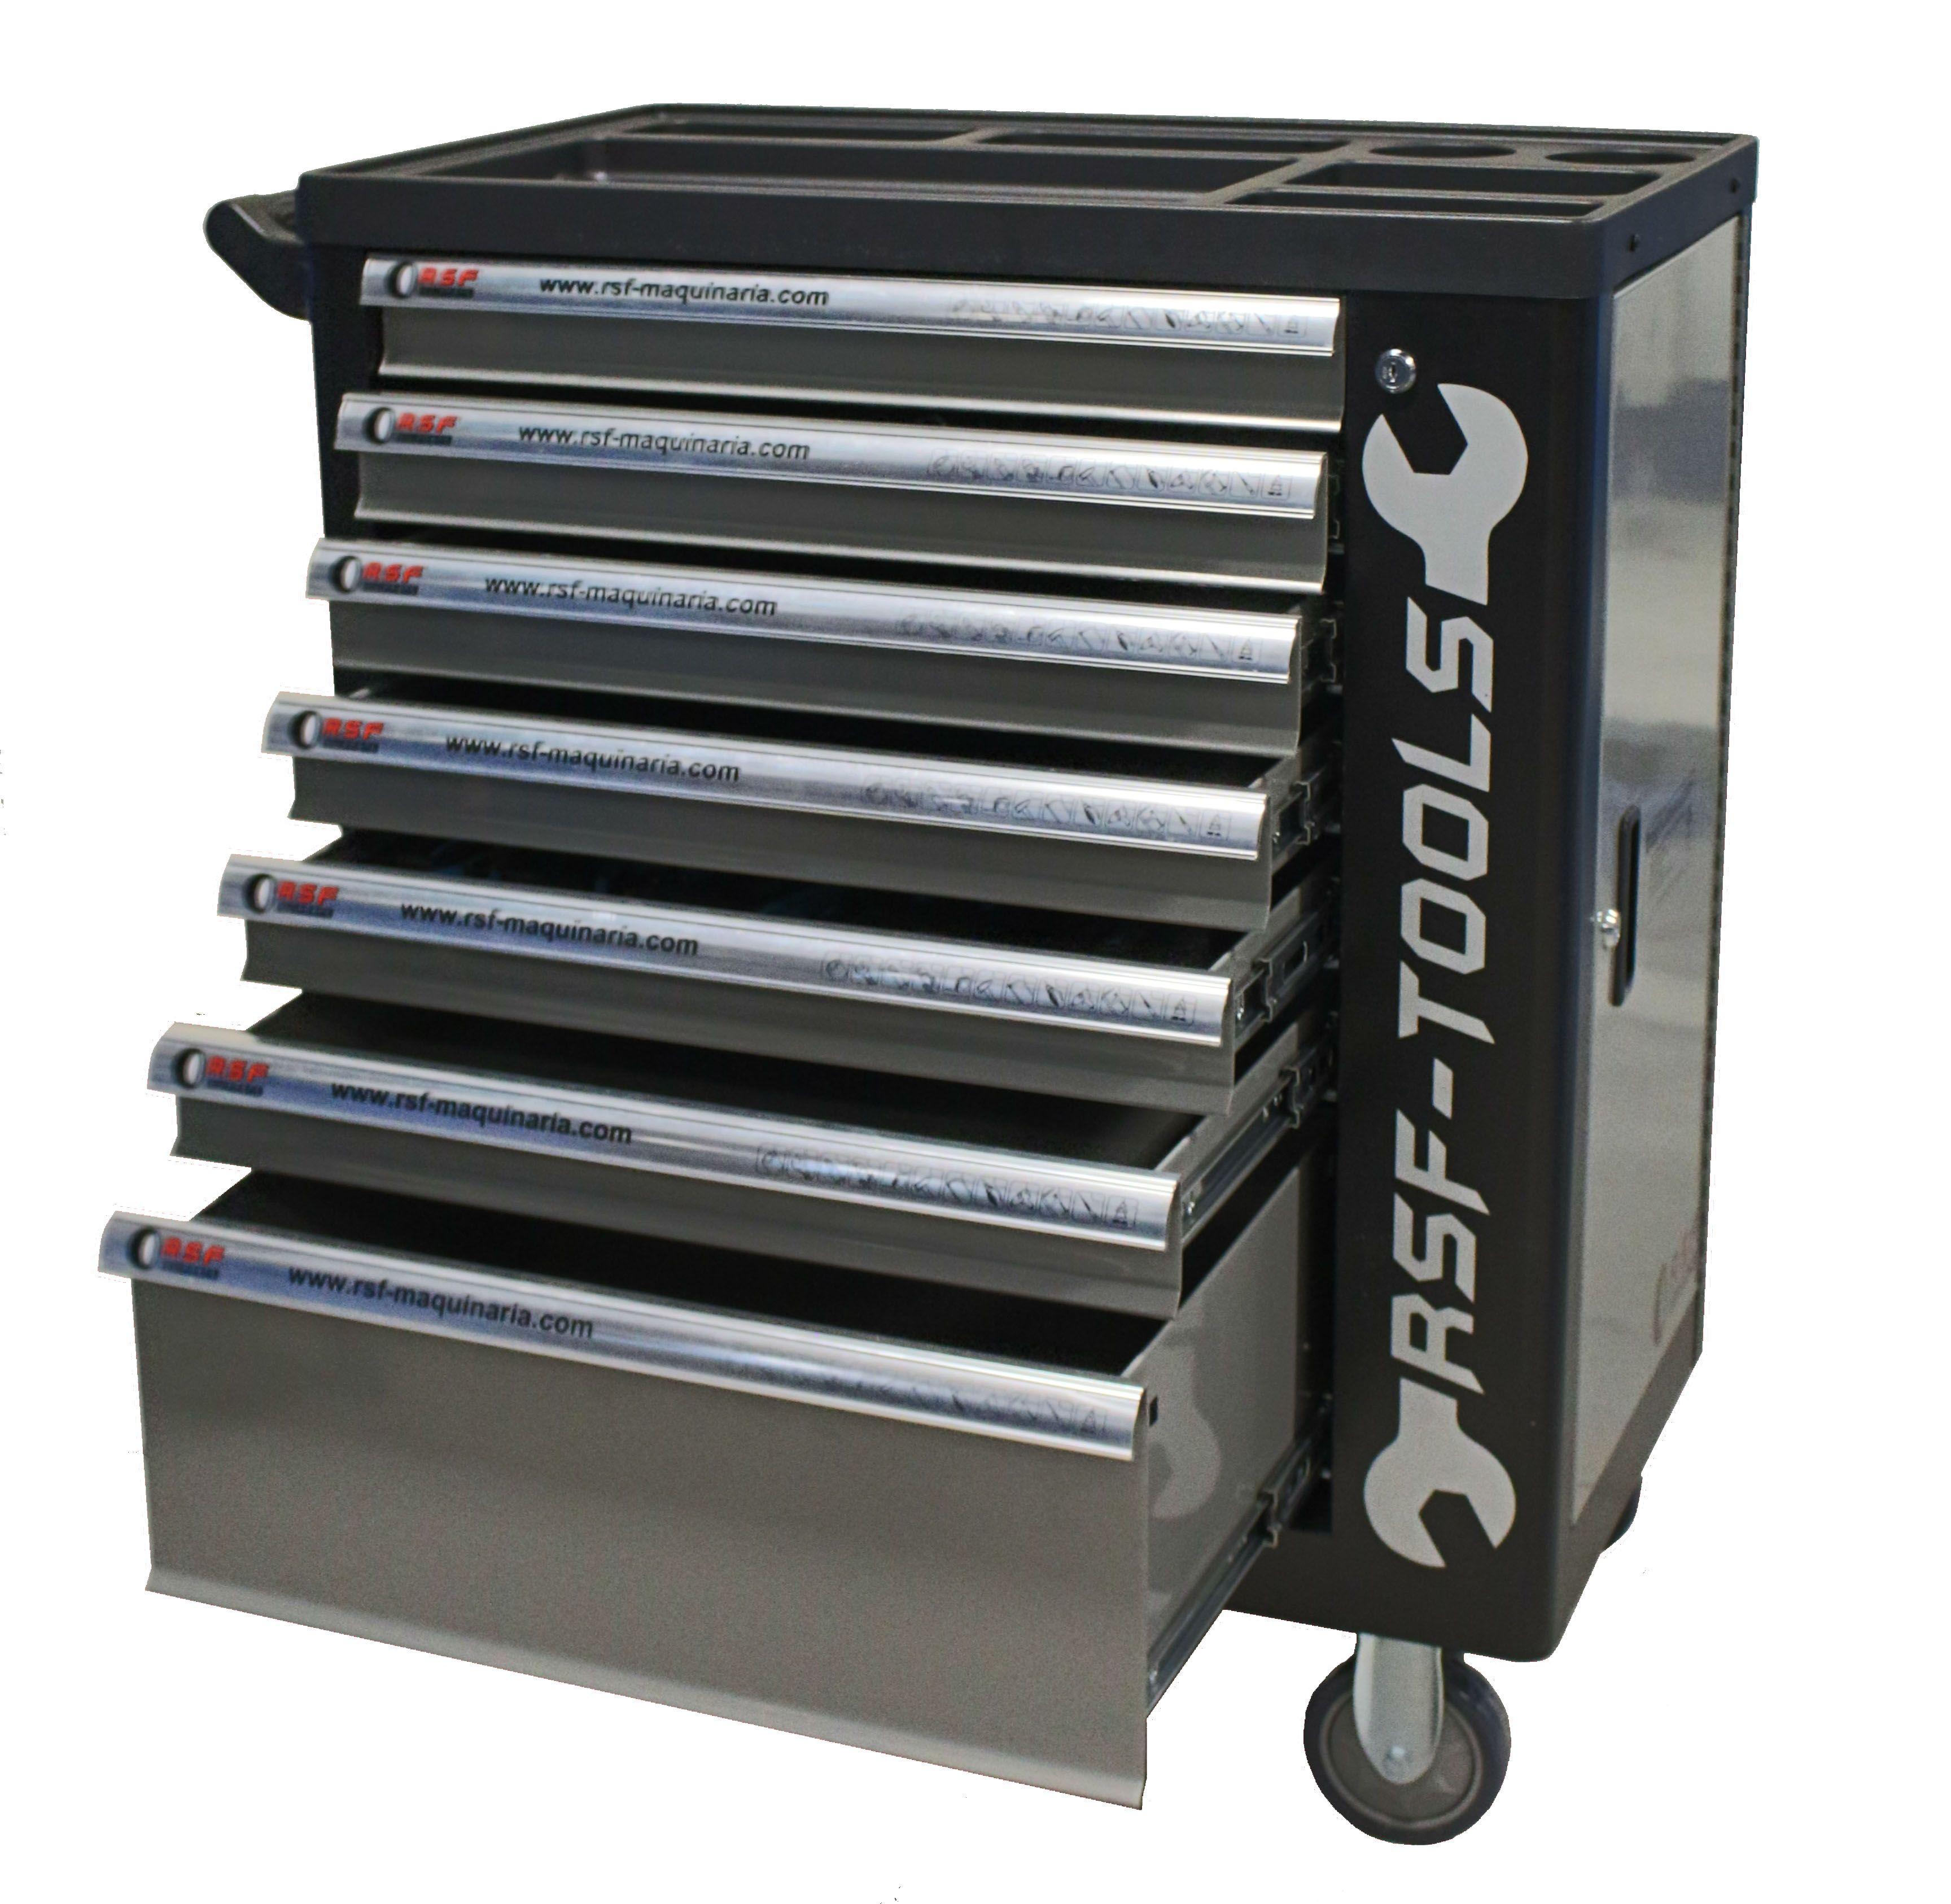 Carro de herramientas completo profesional de nuestra propia marca RSF  Maquinaria.  carro  herramienta 60a0069754ce